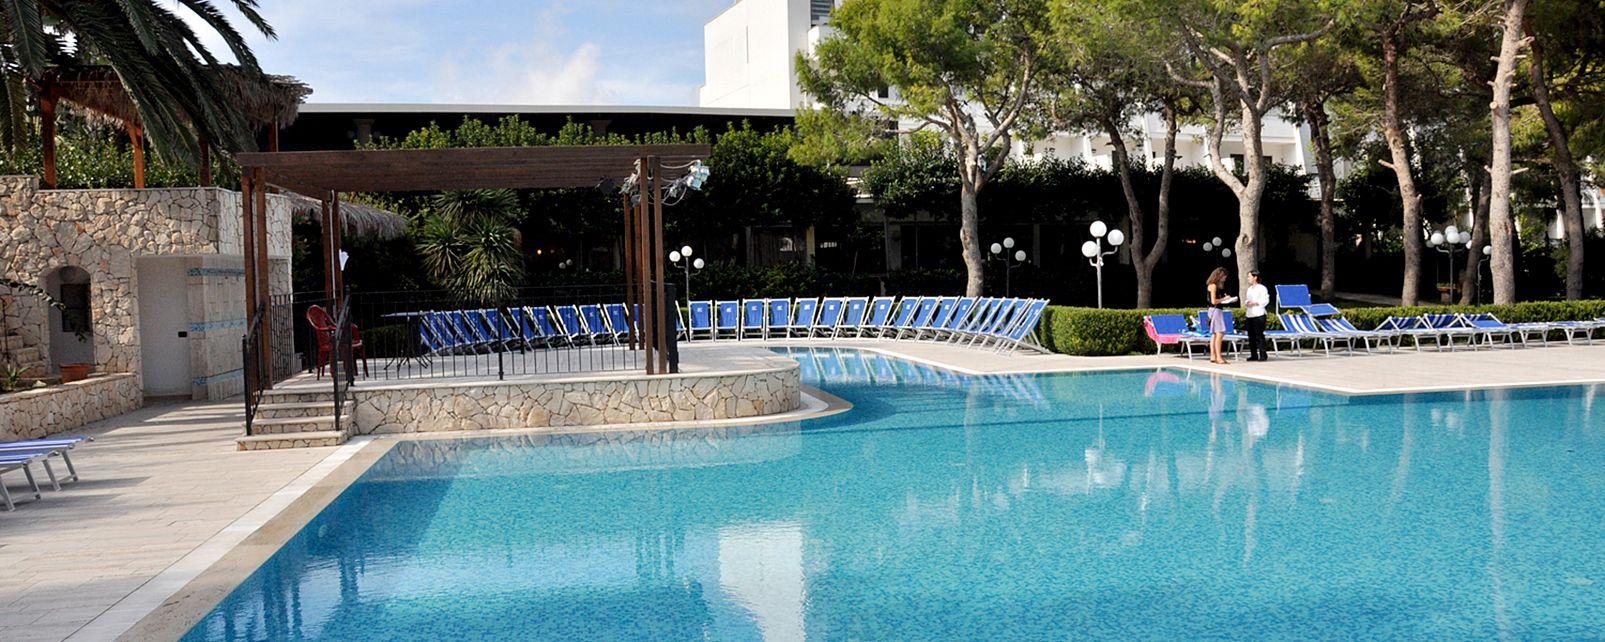 Hotel club astor torre san giovanni ugento italia - Del taglia piscine opinioni ...